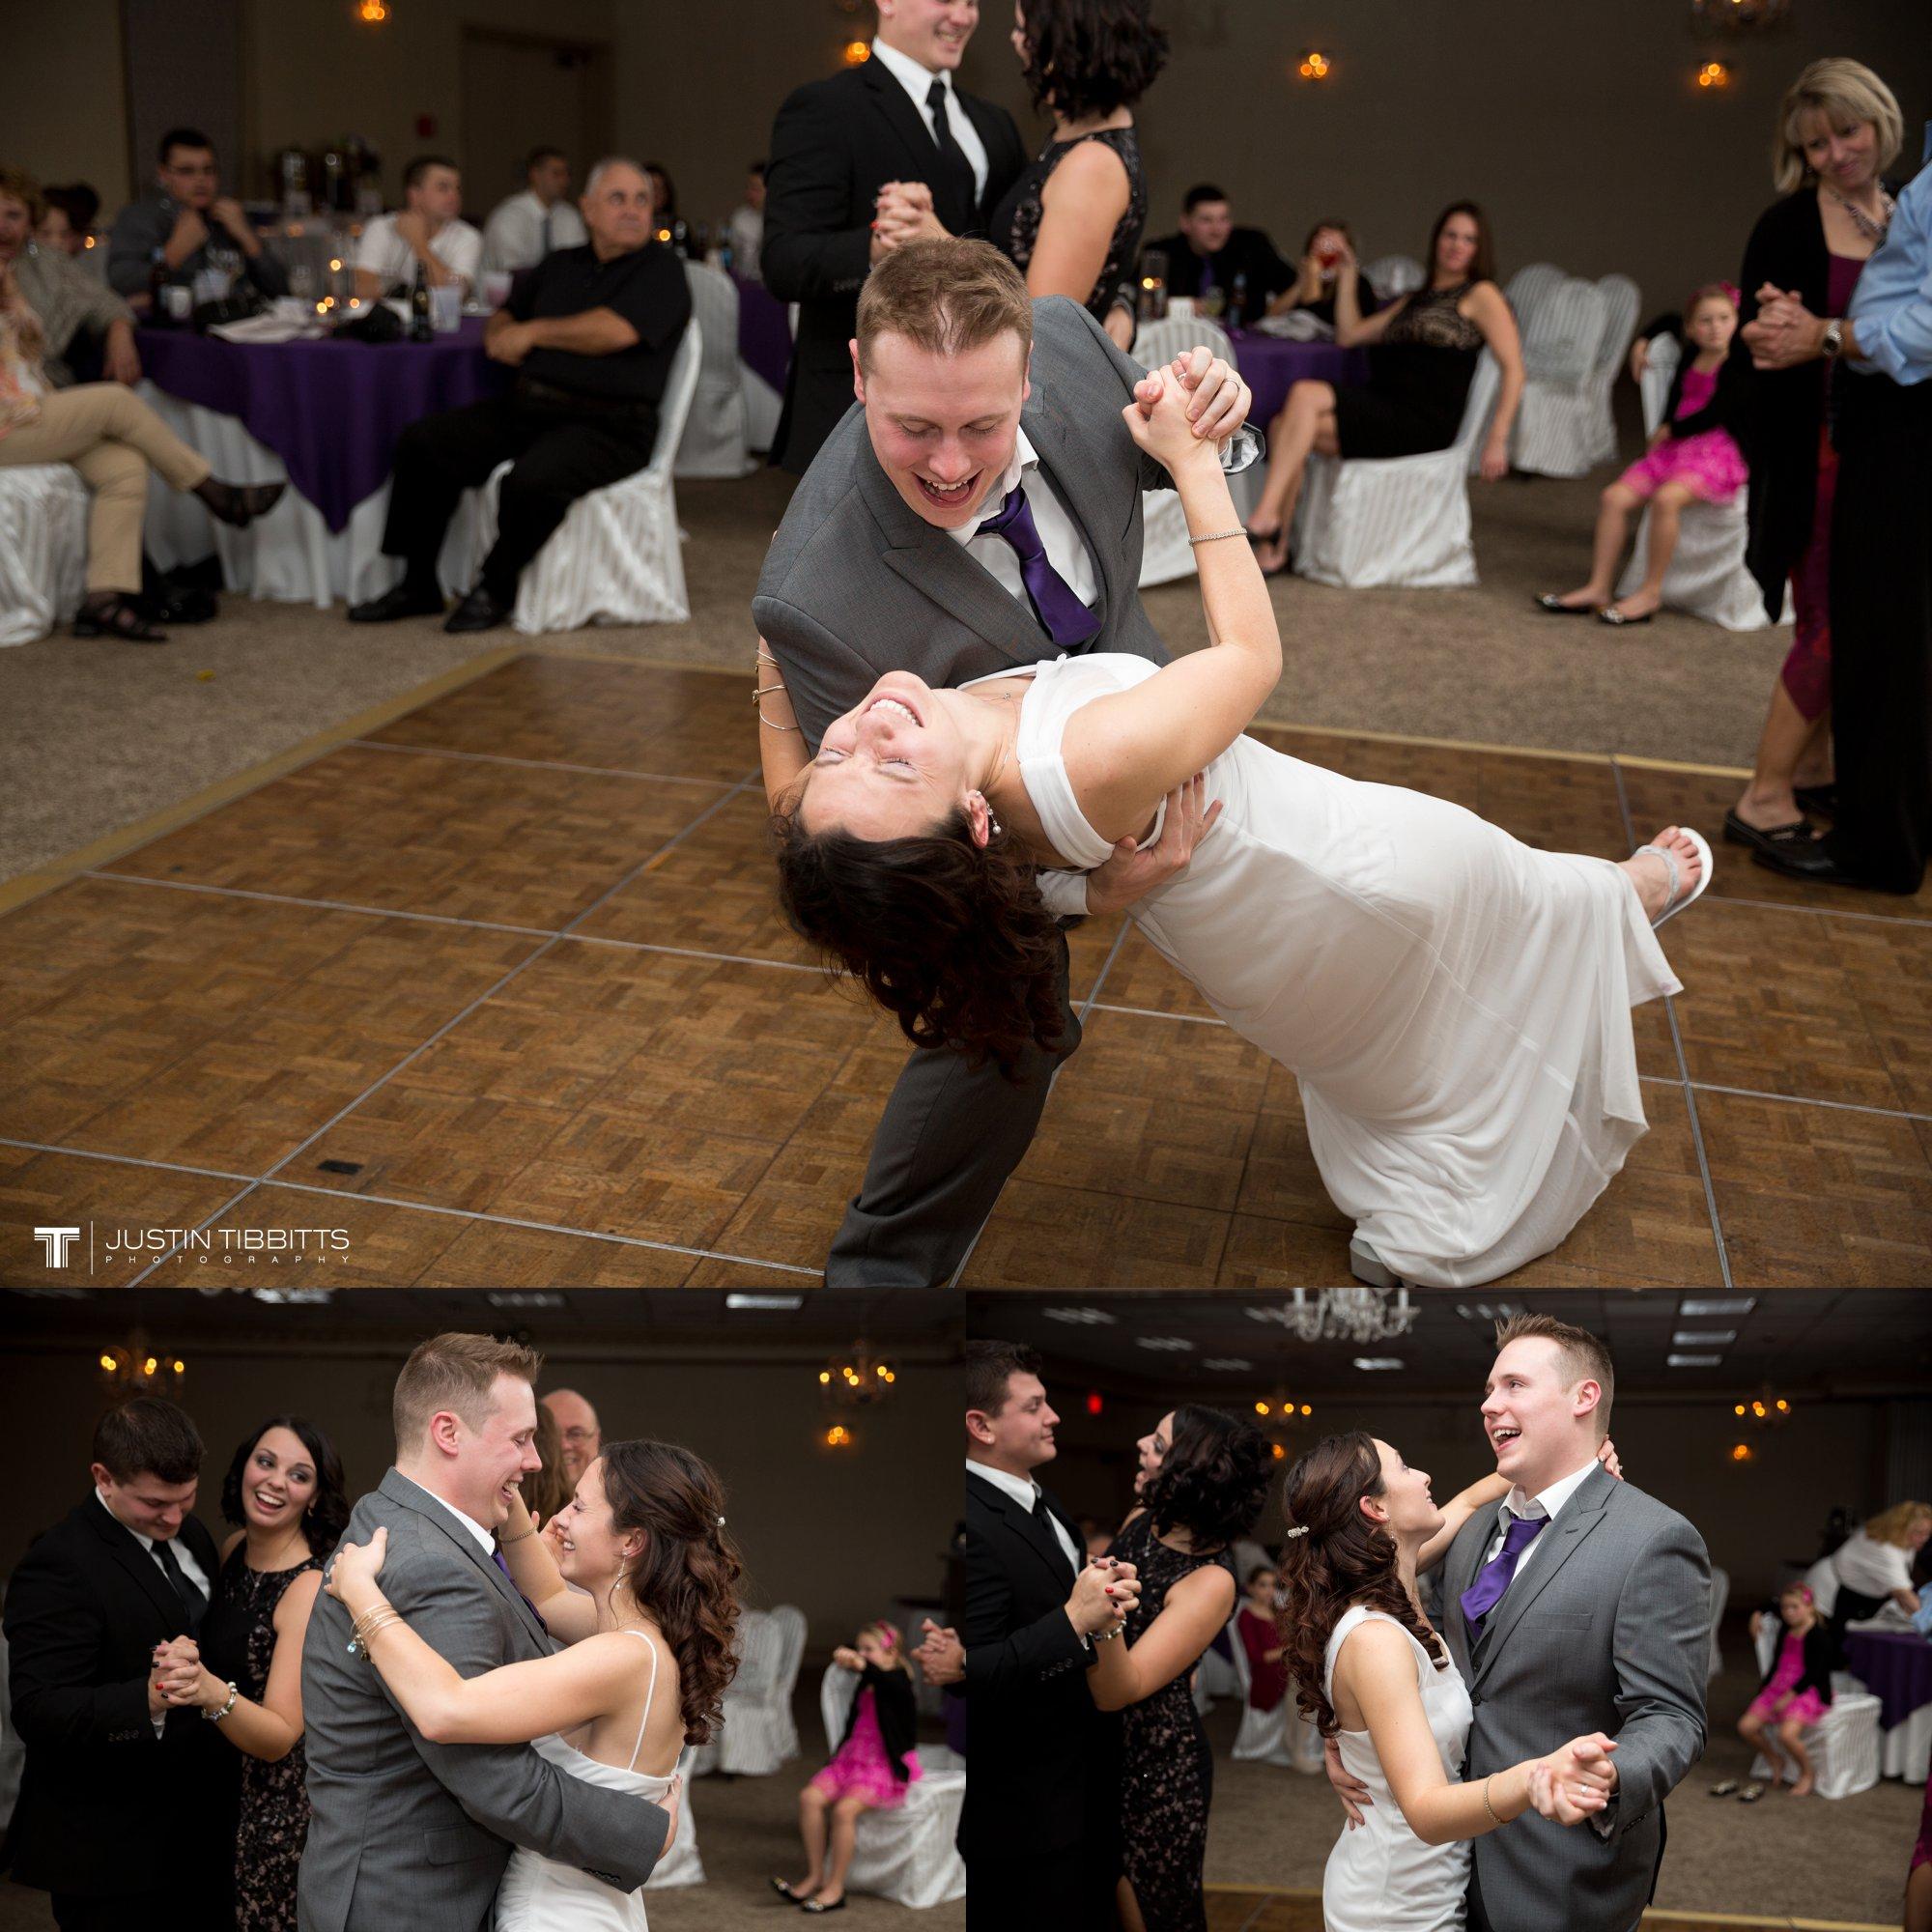 Albany NY Wedding Photographer Justin Tibbitts Photography Albany NY Best of Weddings21Albany NY Wedding Photographer Justin Tibbitts Photography Albany NY Best of Weddings33